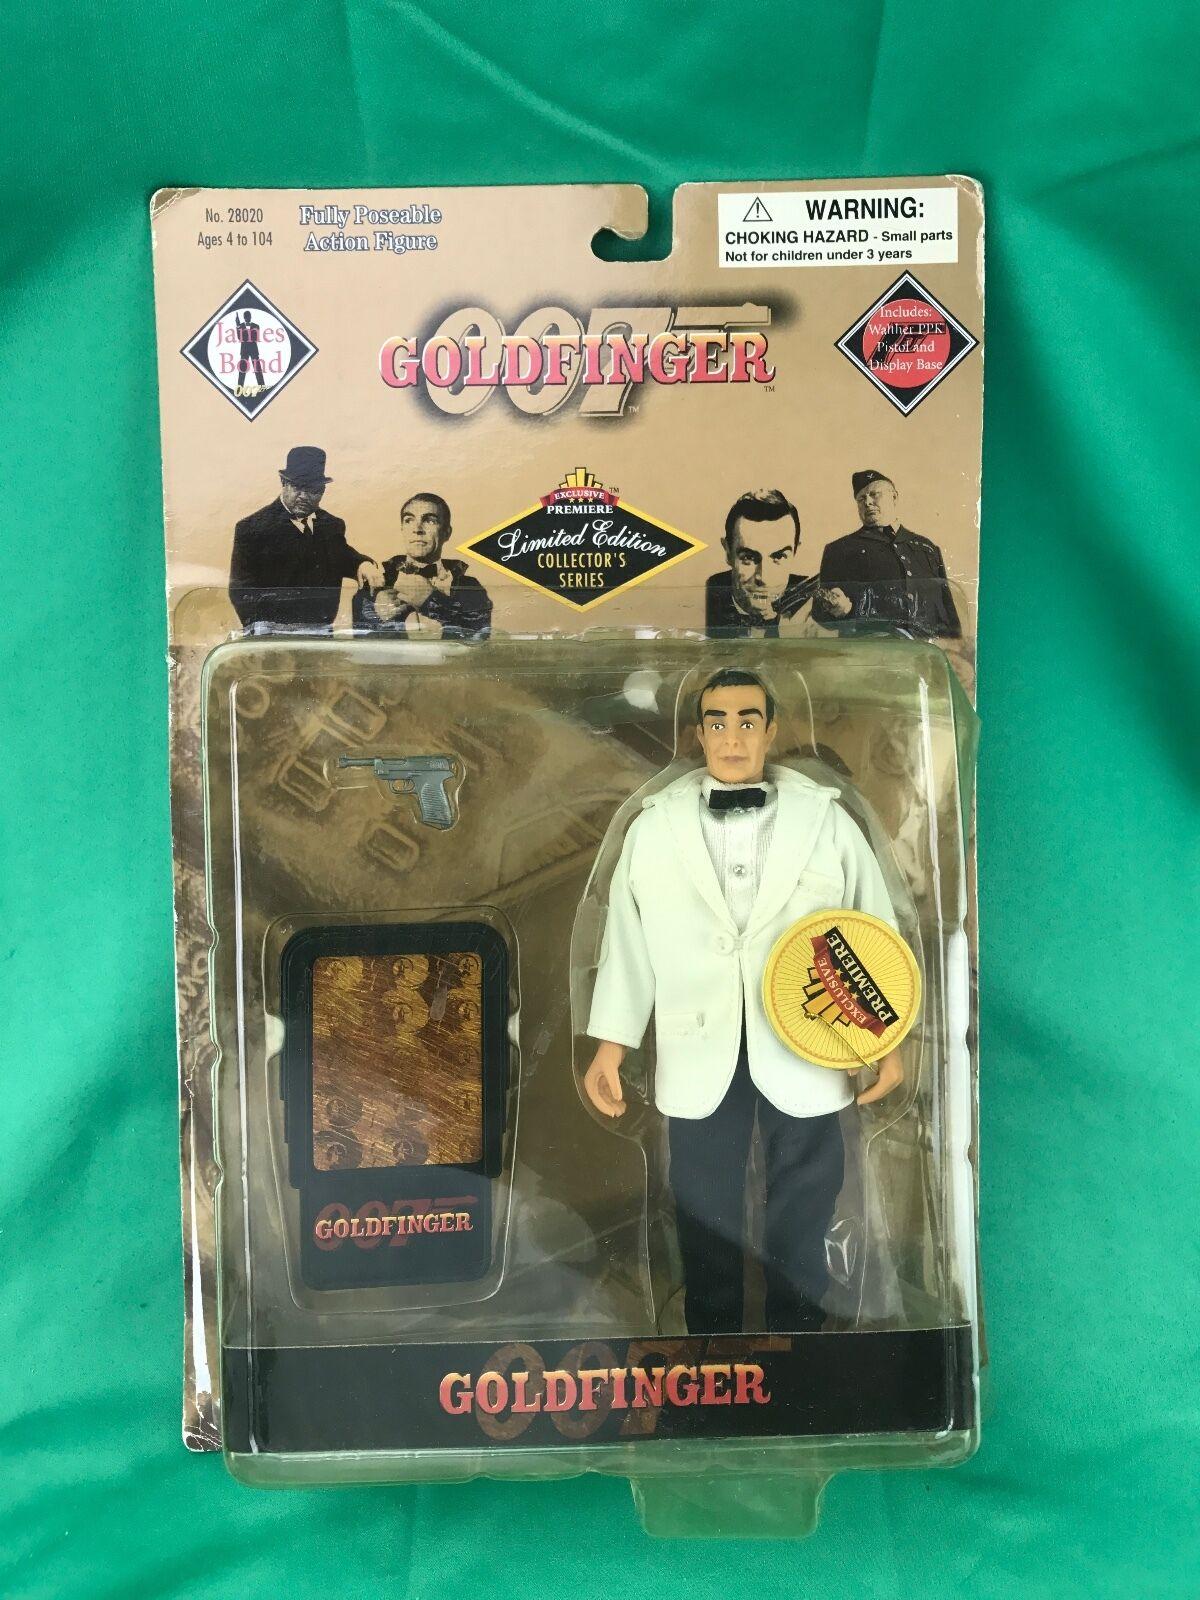 James Bond Goldfinger 007 Action figure 1998 (PACKAGE HAS WEAR)